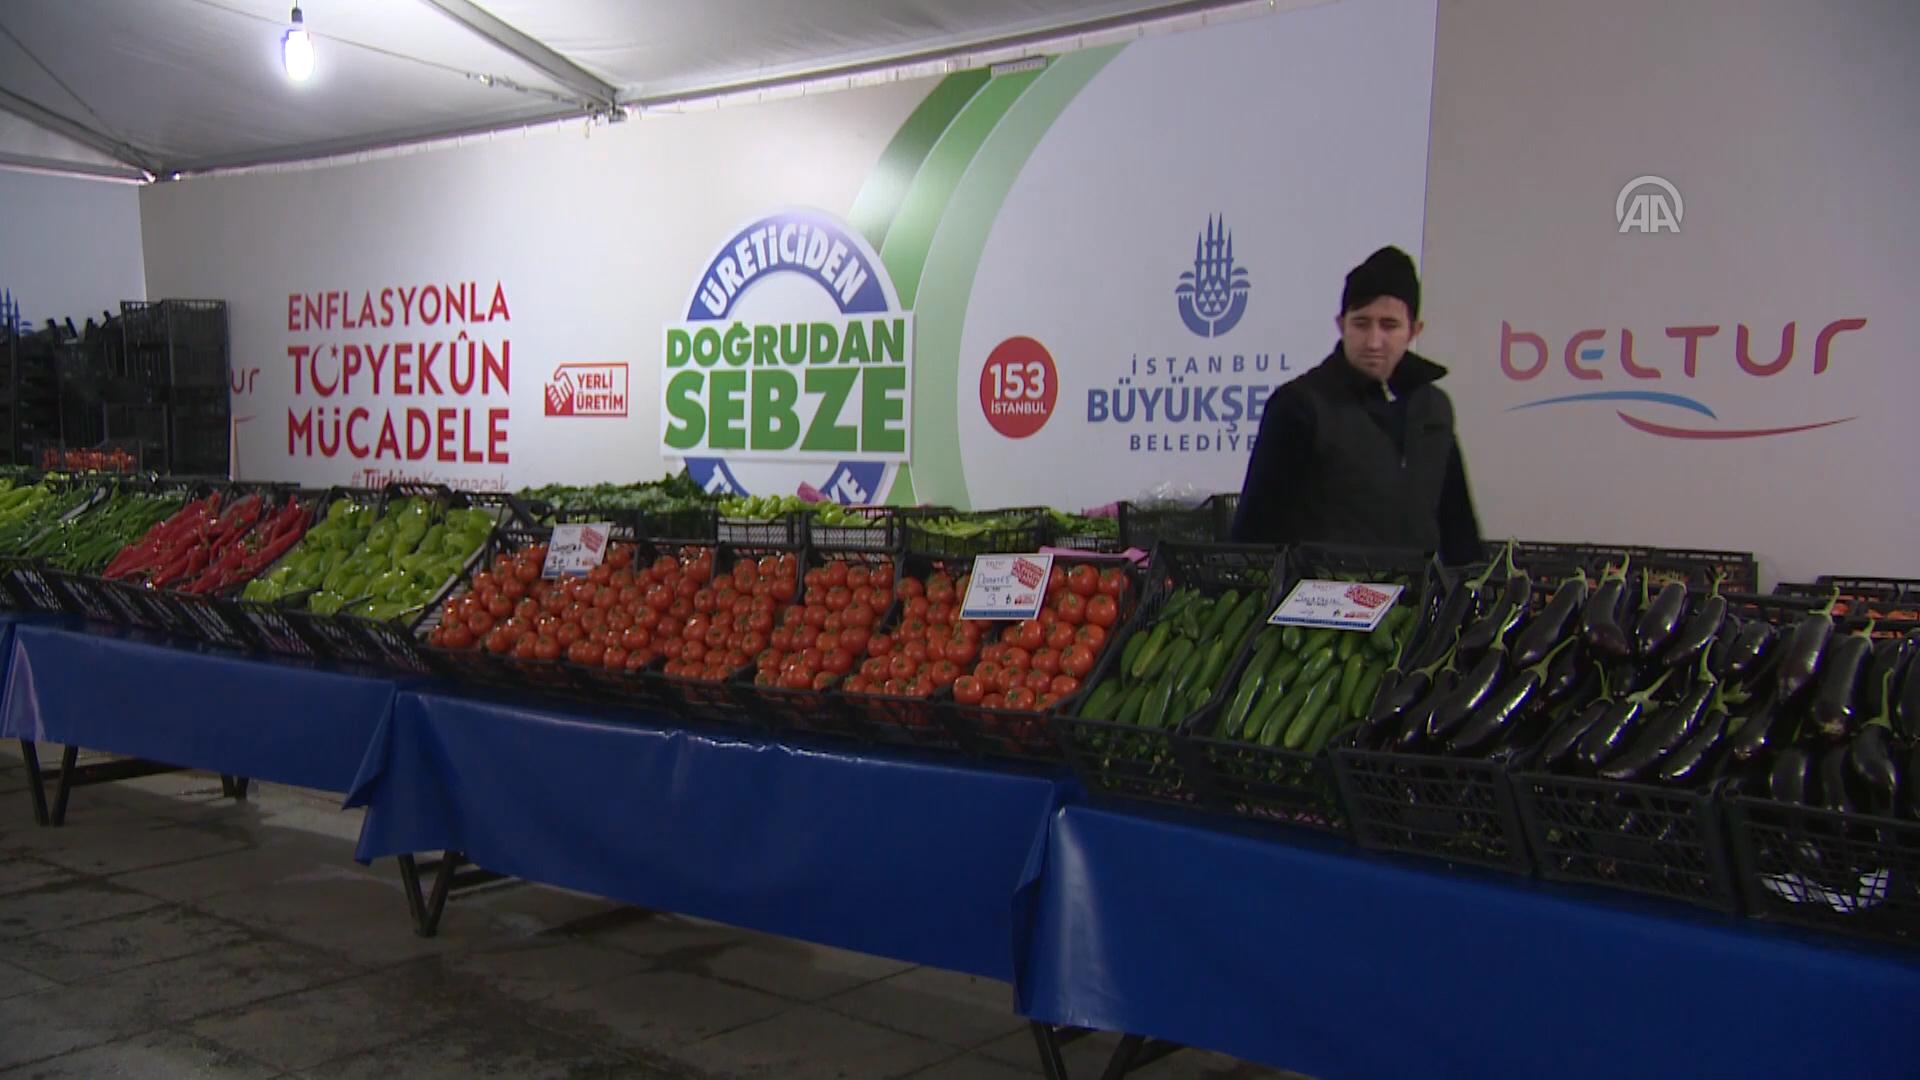 İstanbul Büyükşehir Belediyesi, 34 ilçede 50 yerde bir hafta önce hizmet vermeye başlayan tanzim sat